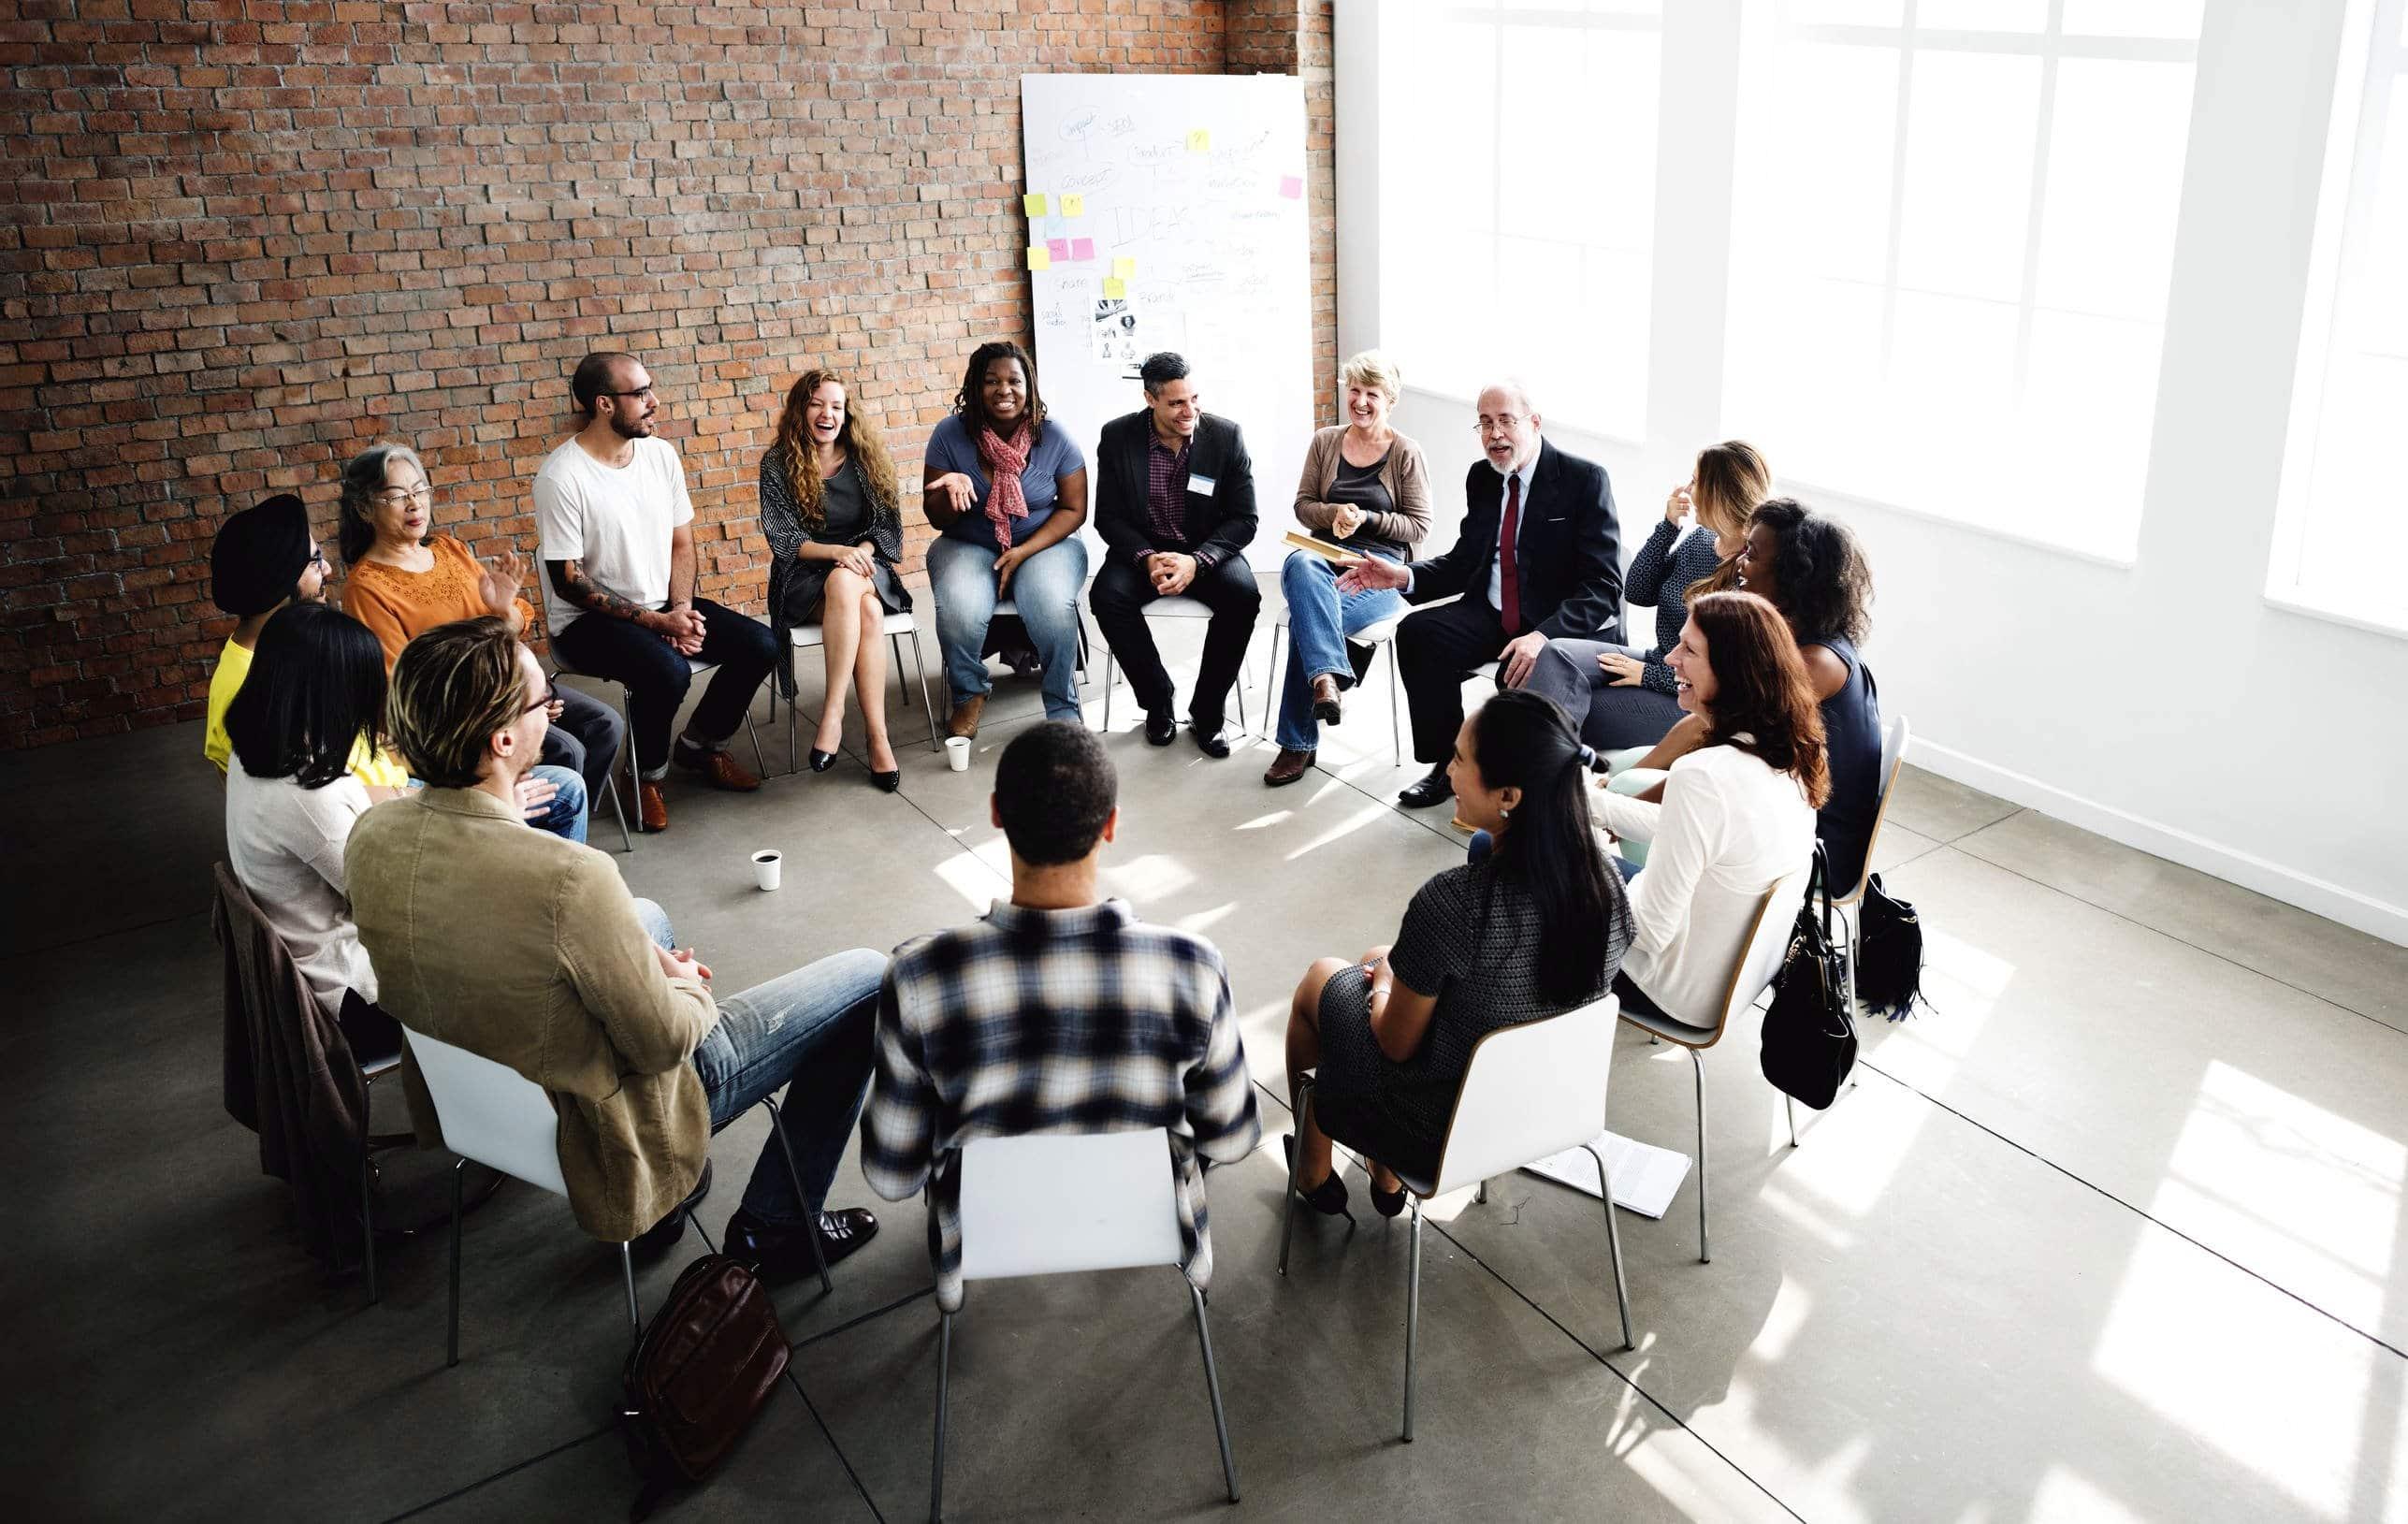 Outils de formation, theatre entreprise vous propose de nombreuses formations telles que accueil du public, prise de parole en public